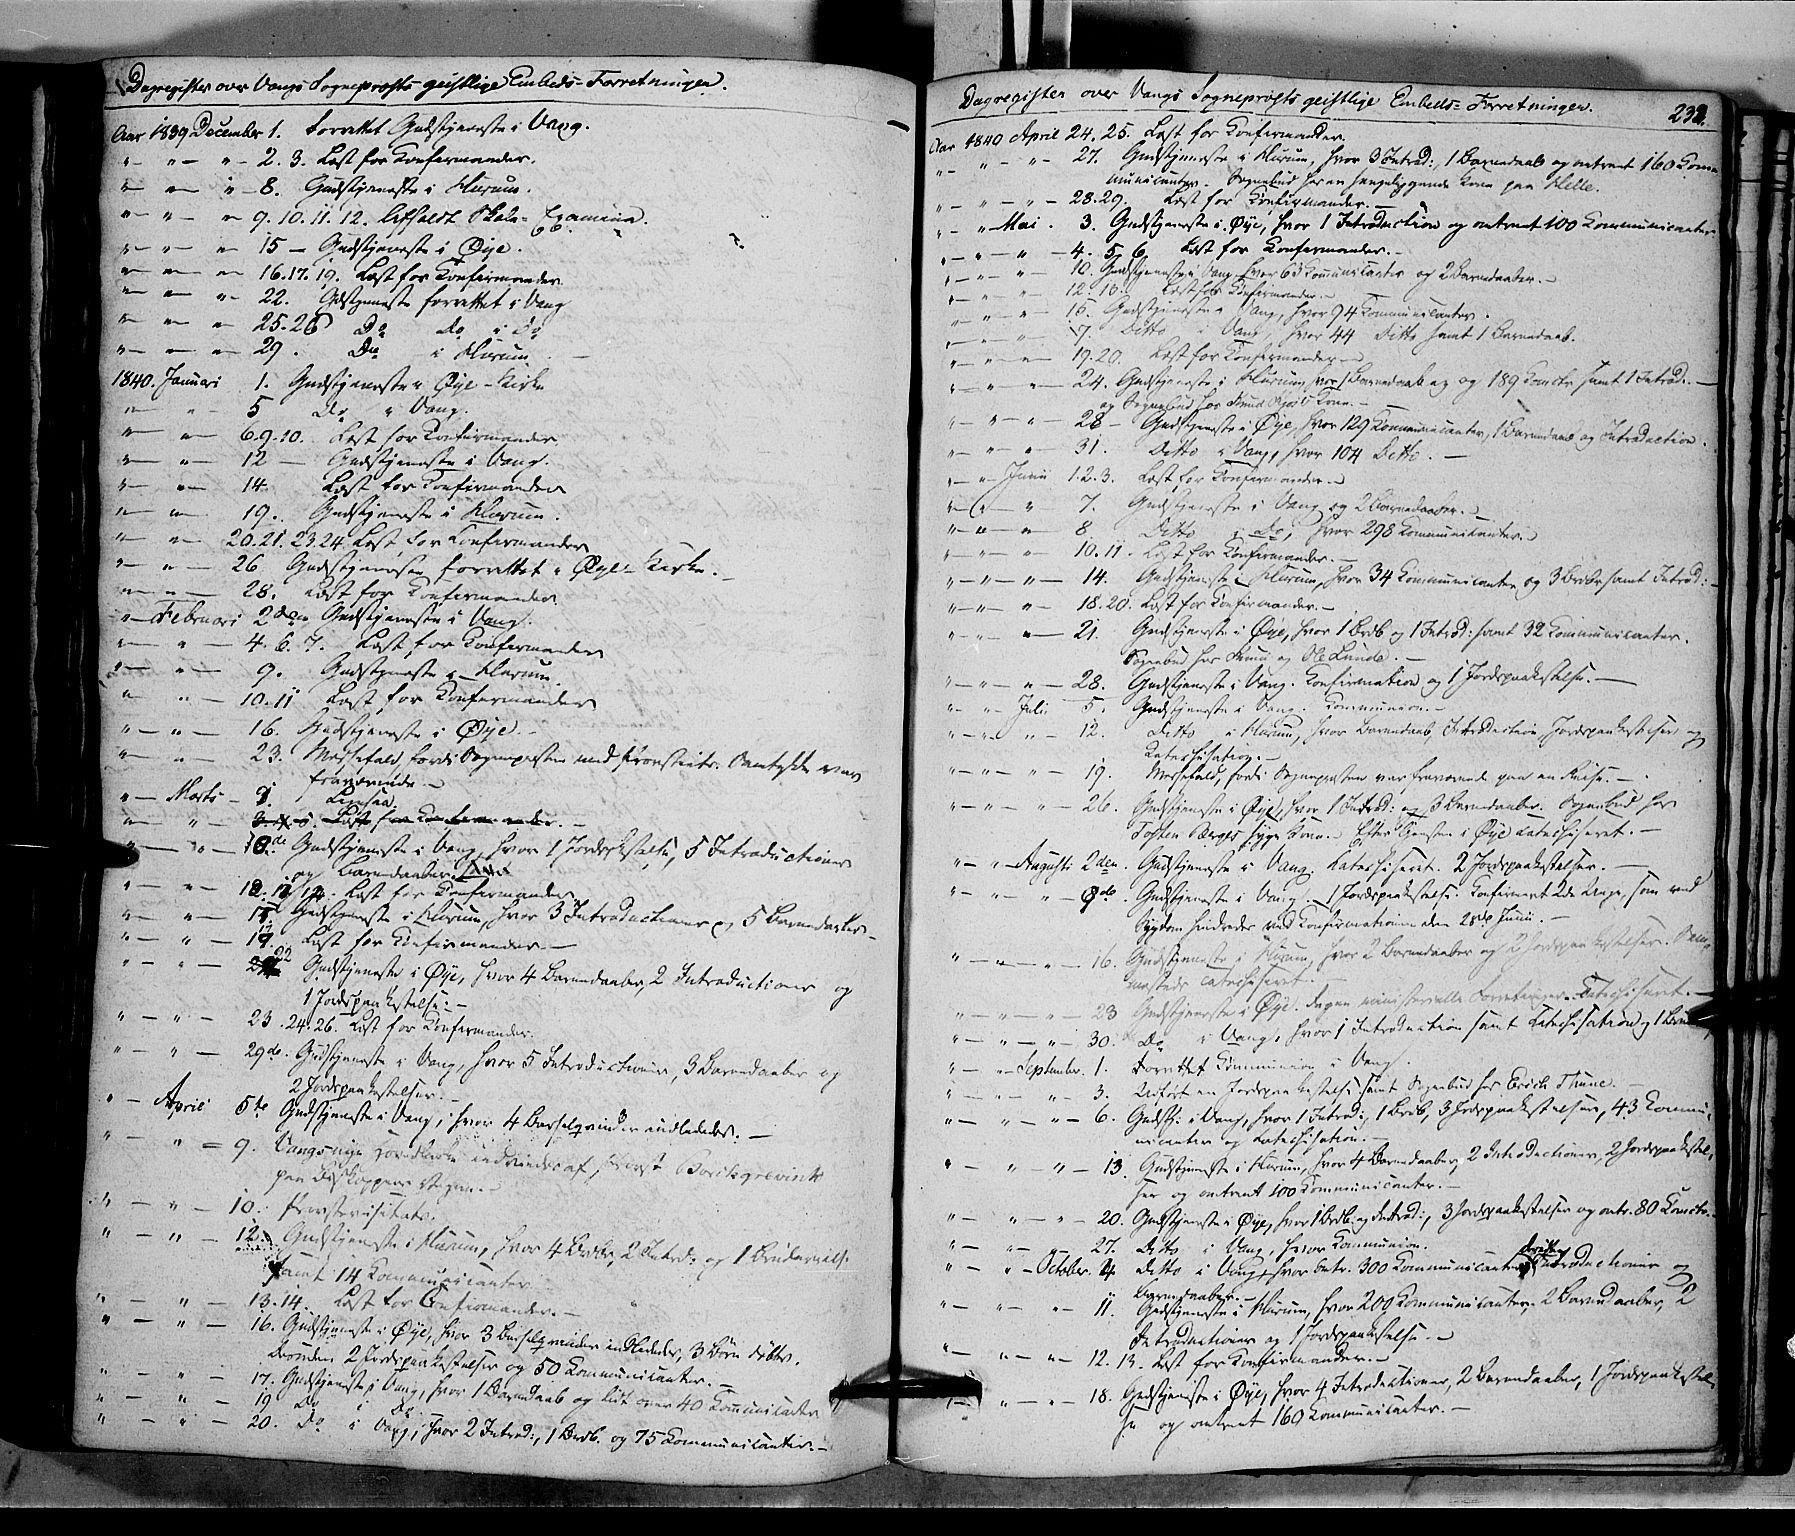 SAH, Vang prestekontor, Valdres, Ministerialbok nr. 5, 1831-1845, s. 232